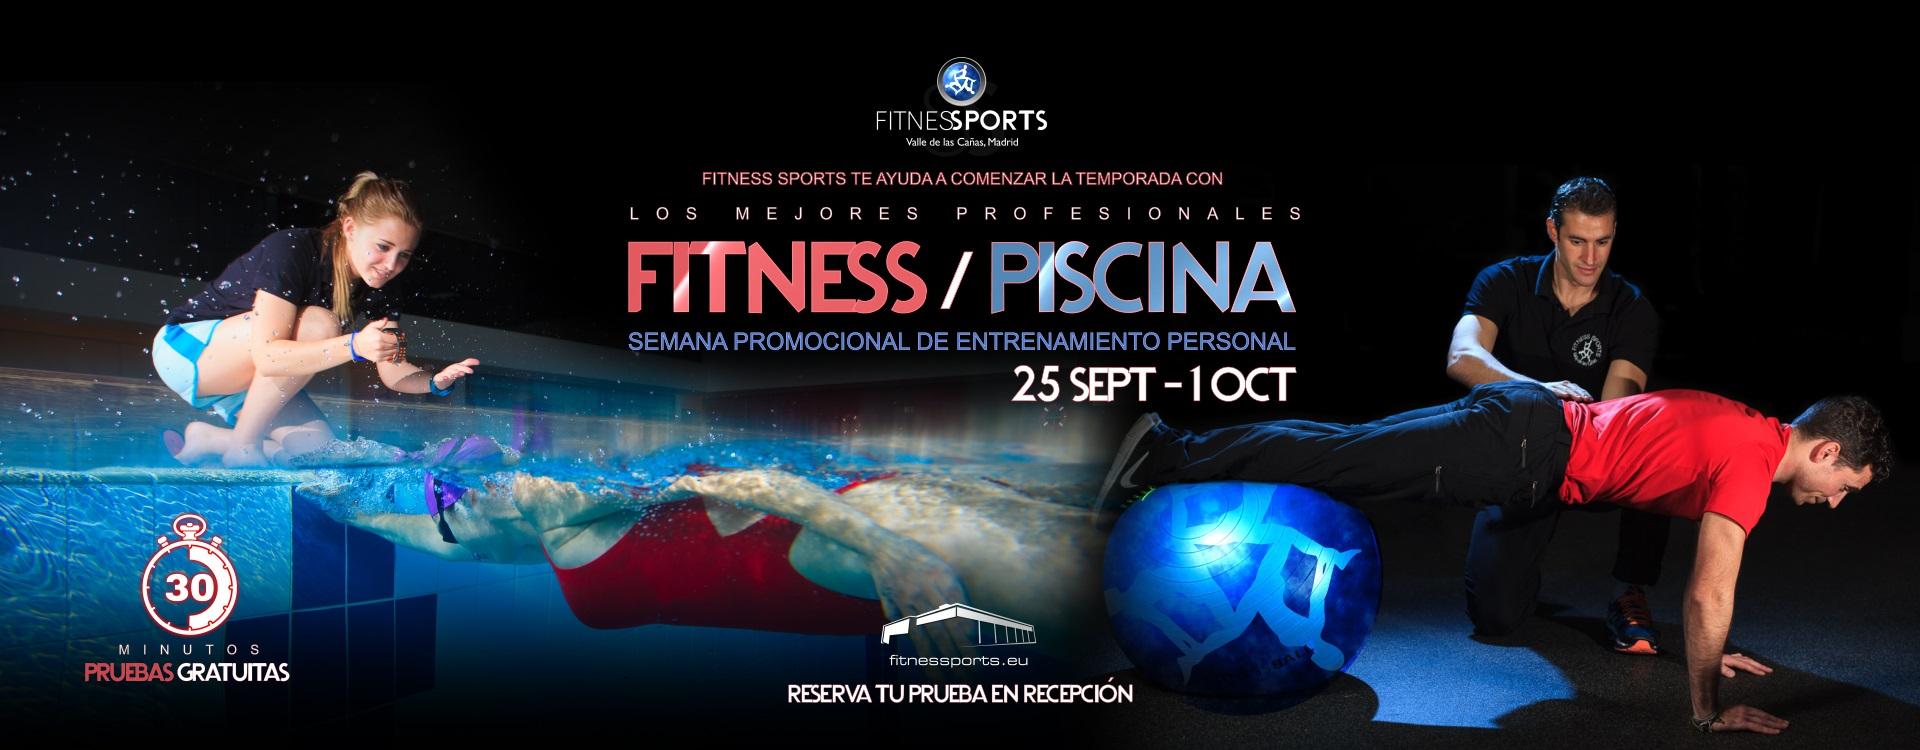 Semana entrenamientos fitness y piscina Banner Perfect Pixel Publicidad